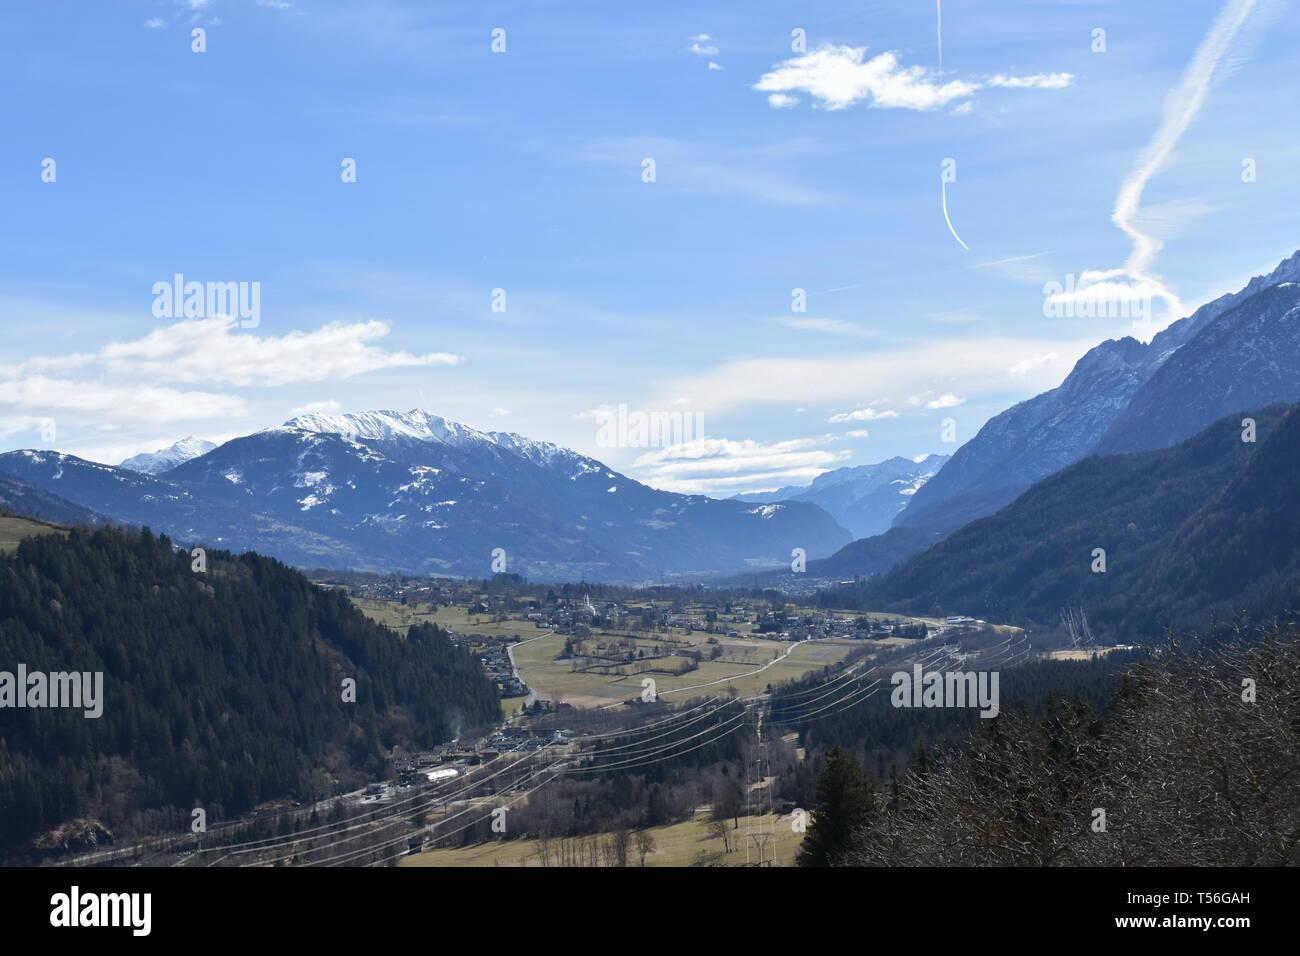 Osttirol, Ainet, Iseltal, Schobergruppe, Hochschober, Dorf, Weg, Straße, Feld, Siedlung, Tal, Feld, Felder, Landwirtschaft, Frühling, Kirchturm, Grenz Stock Photo